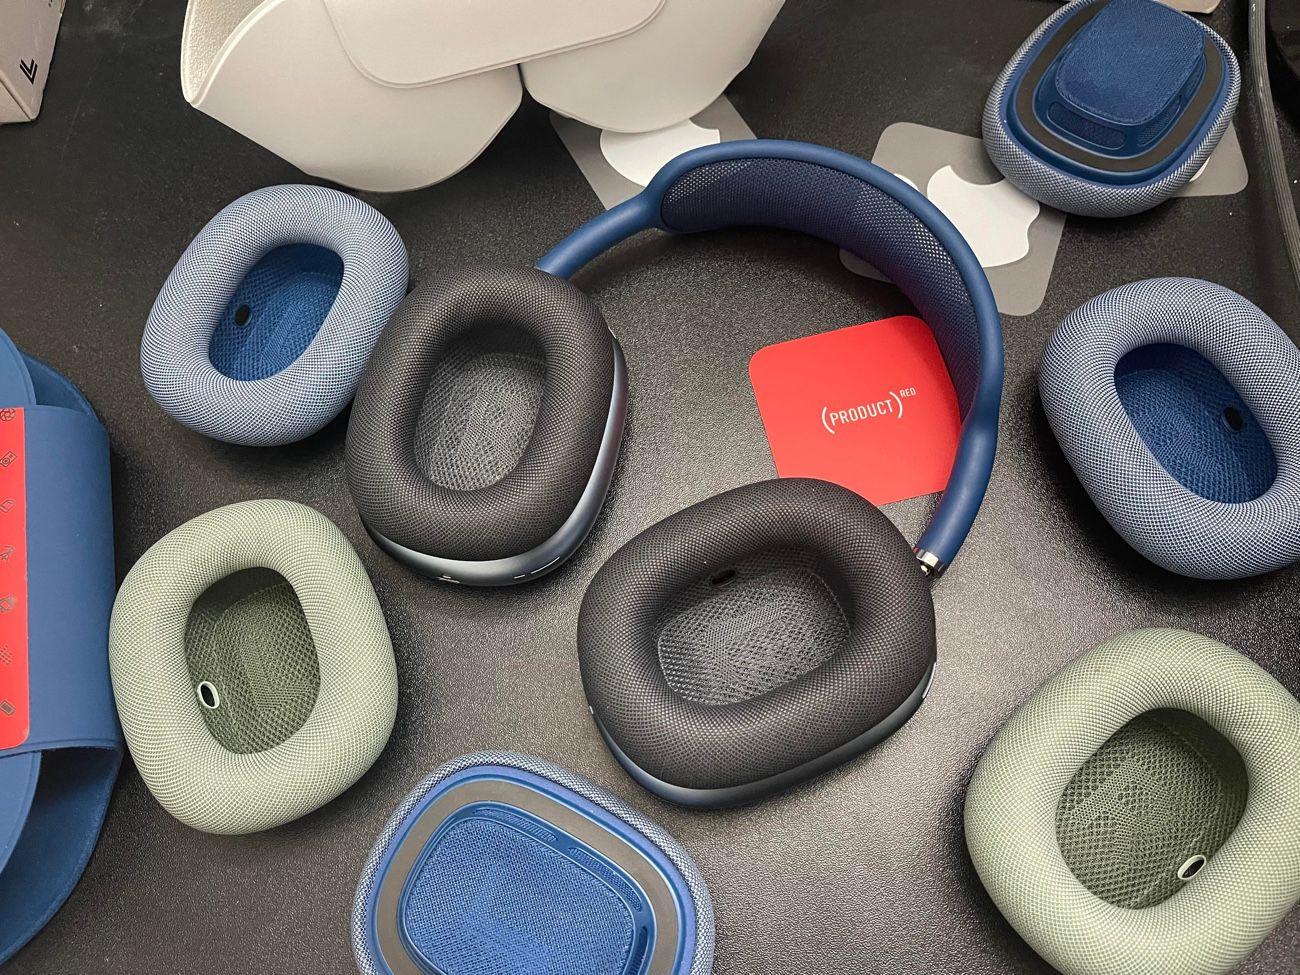 Déballage des coussinets de rechange pour AirPods Max